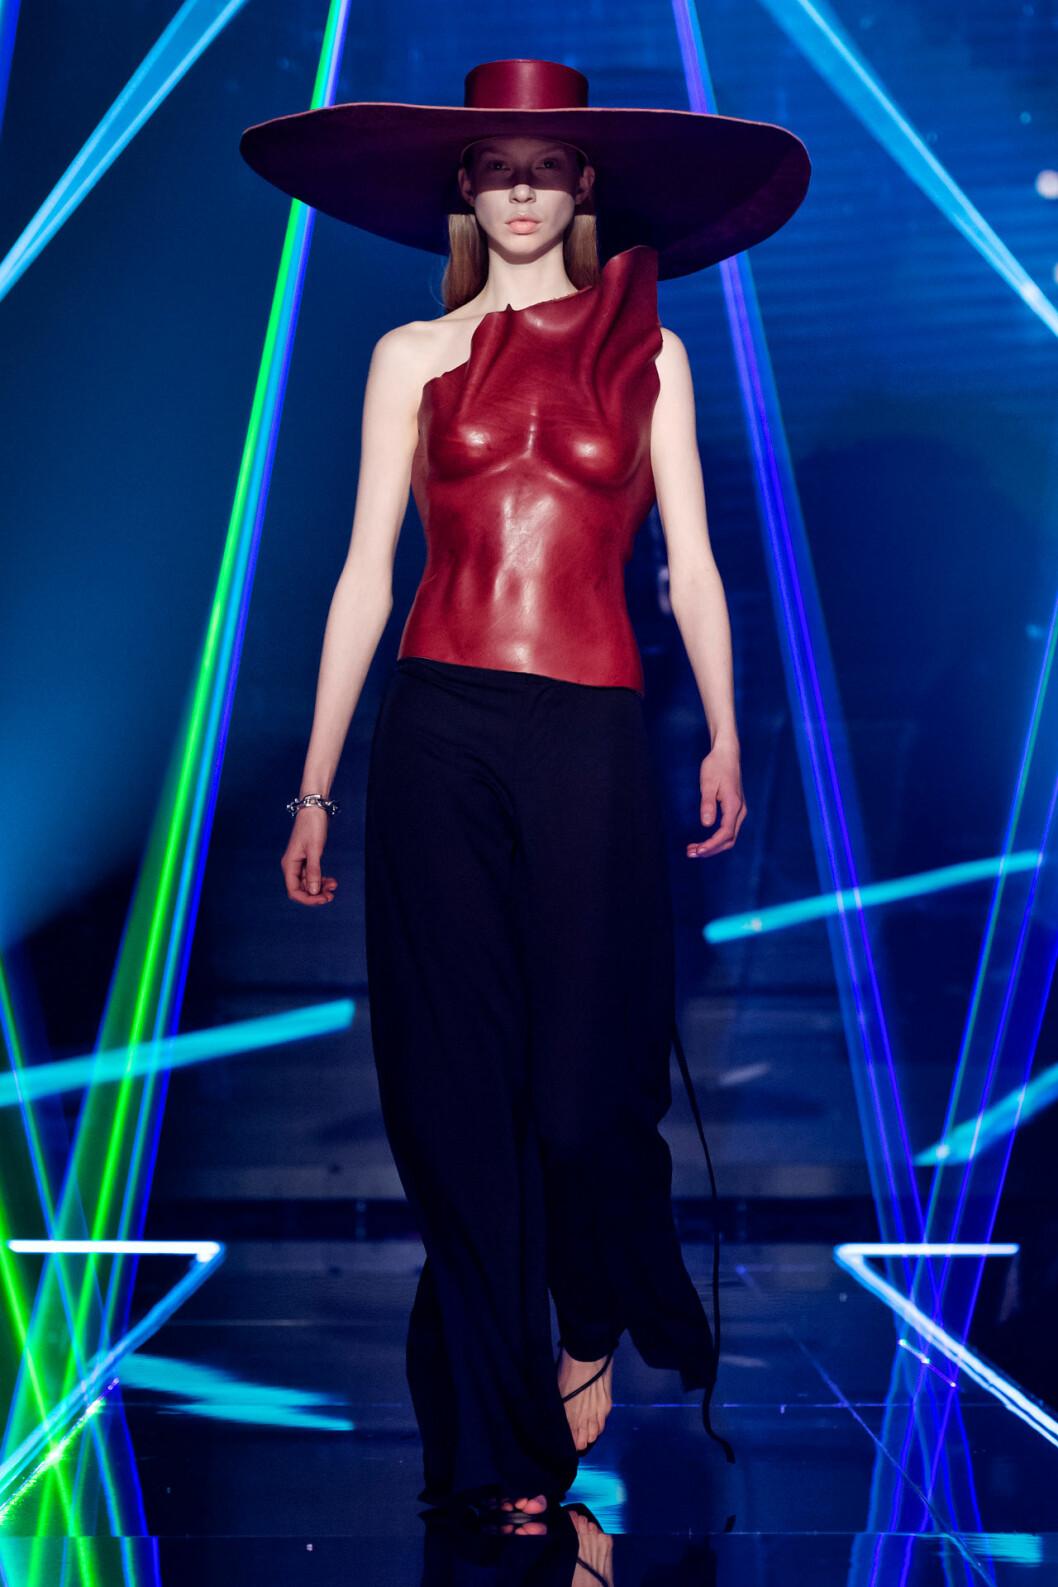 Skulptural överdel i rostig röd med matchande stor hatt från visningen av årets nykomling Amanda Borgfors Mészáros.